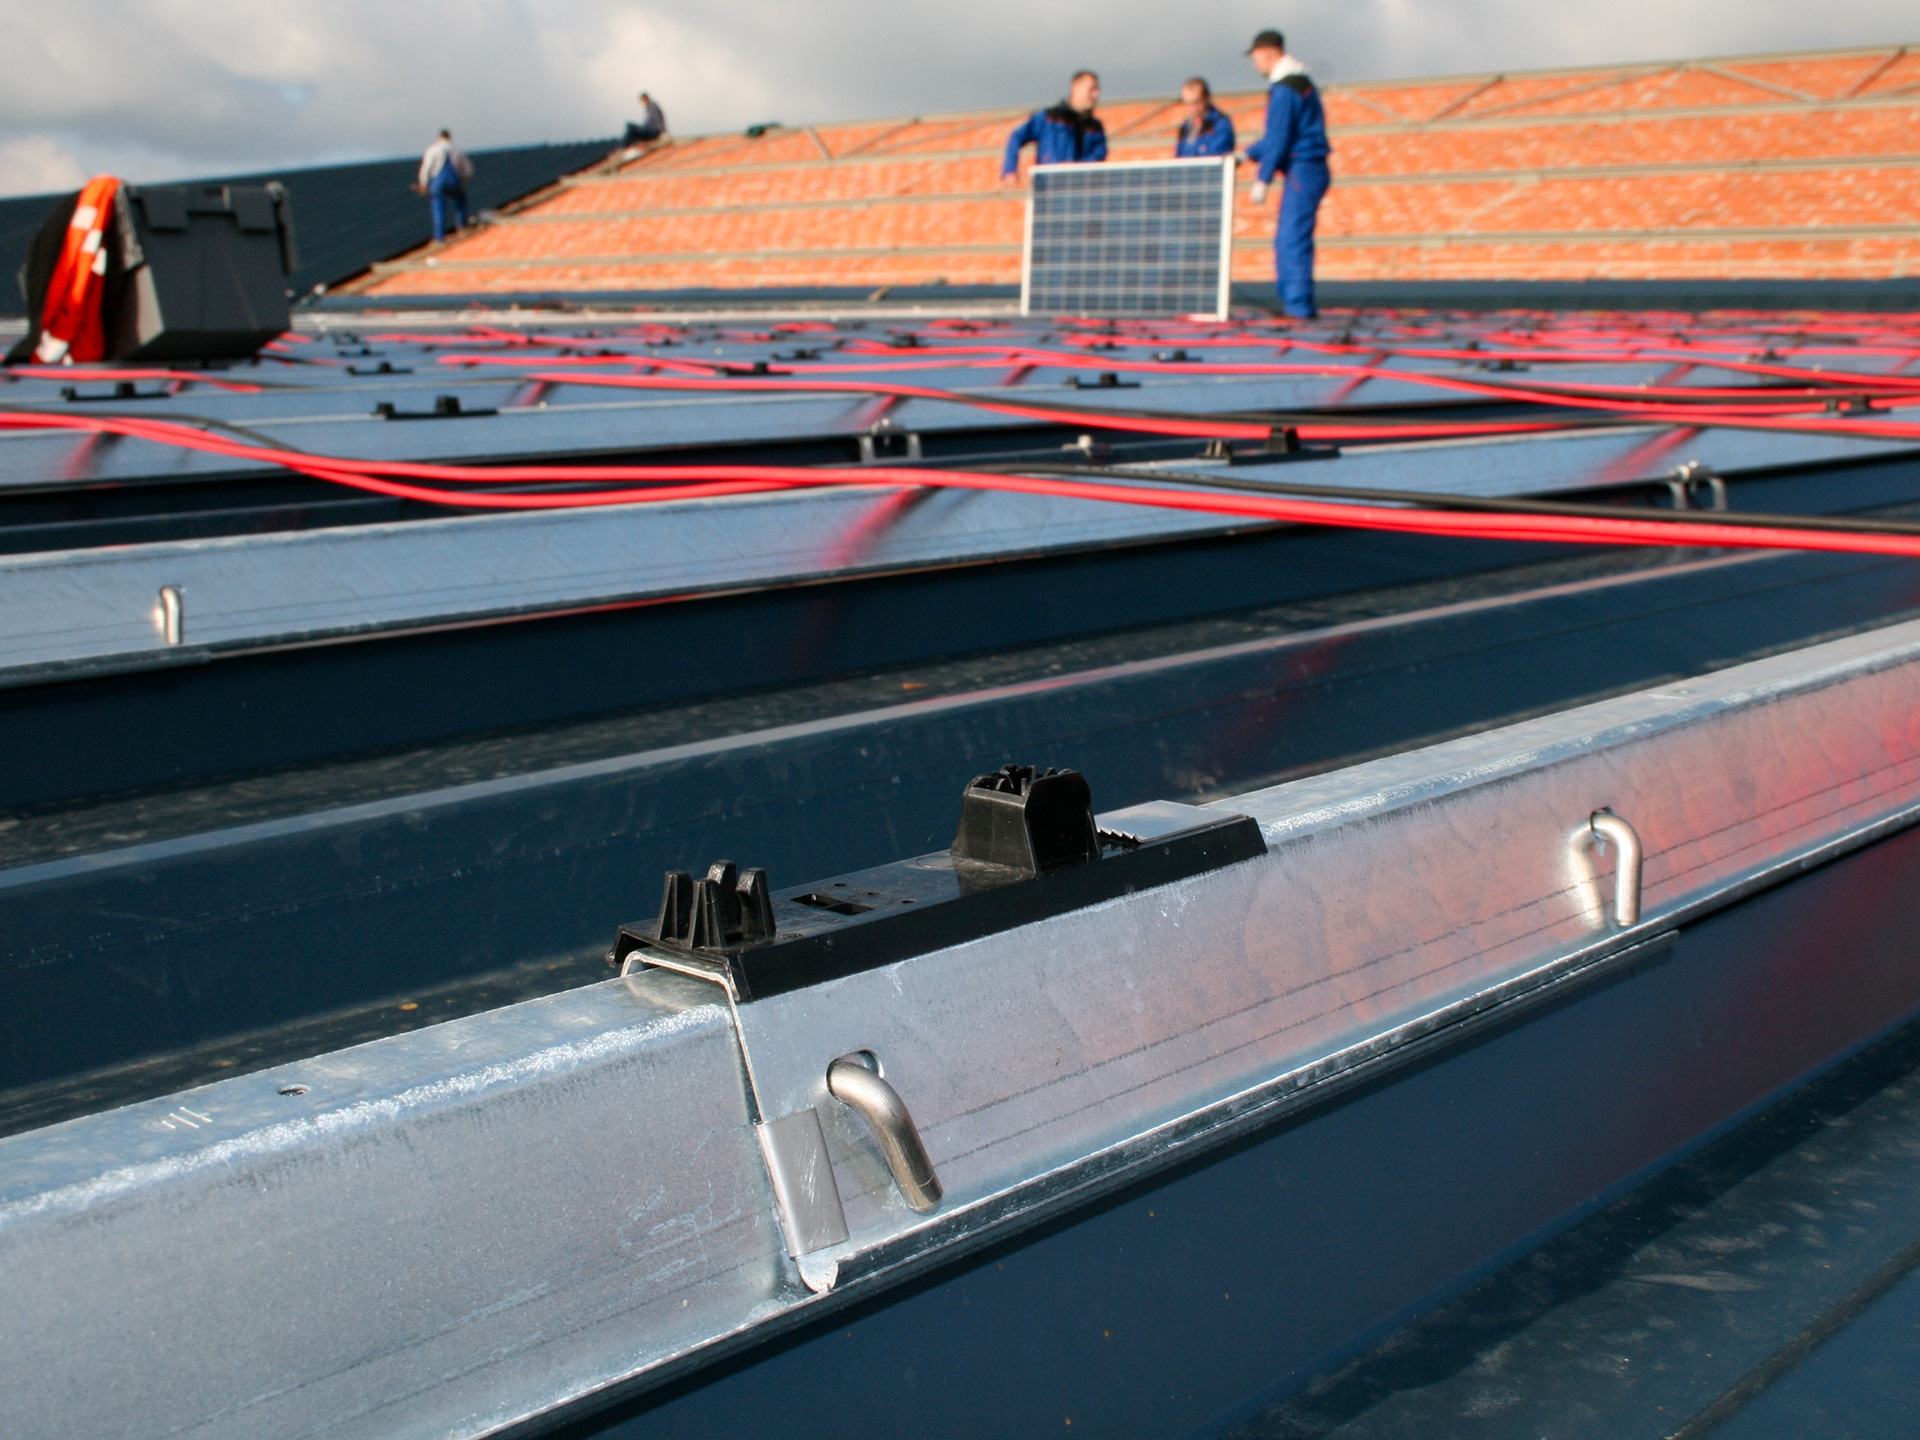 INSTALLER DES PANNEAUX photovoltaique TOITURE ToLES TRAPeZOiDALES